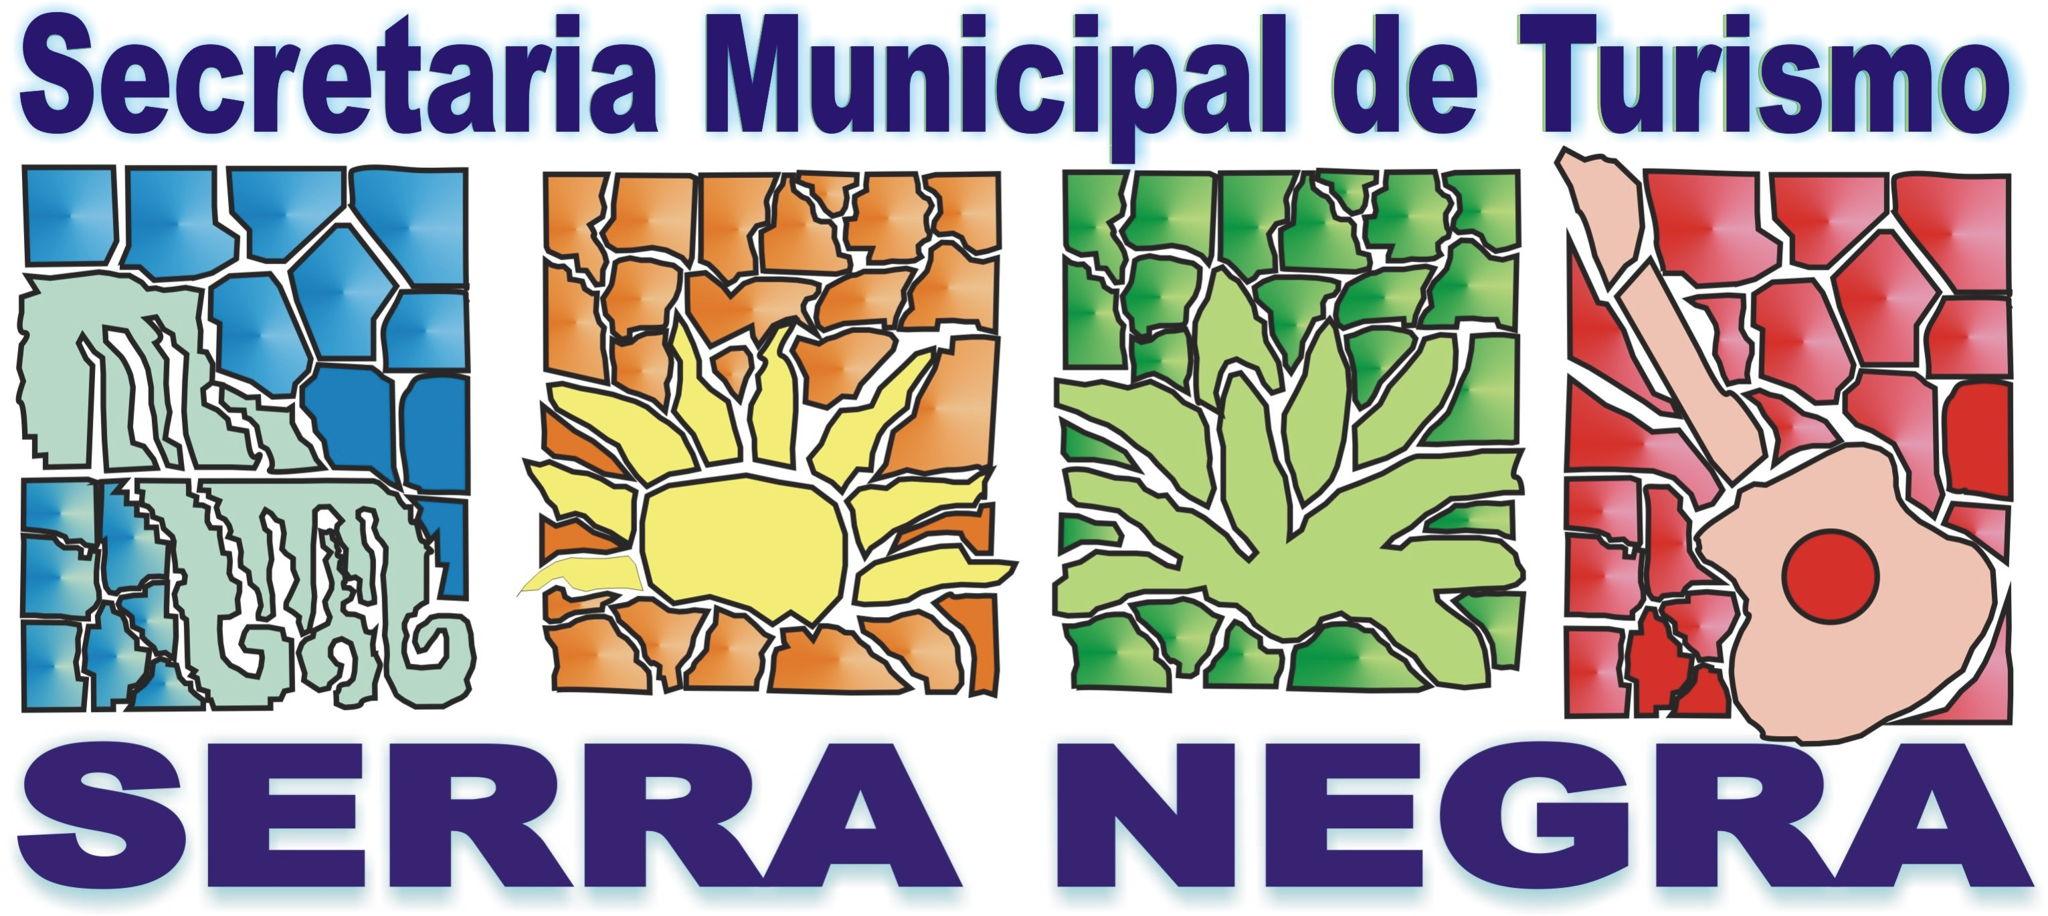 Secretaria_Turismo_SerraNegra.jpg